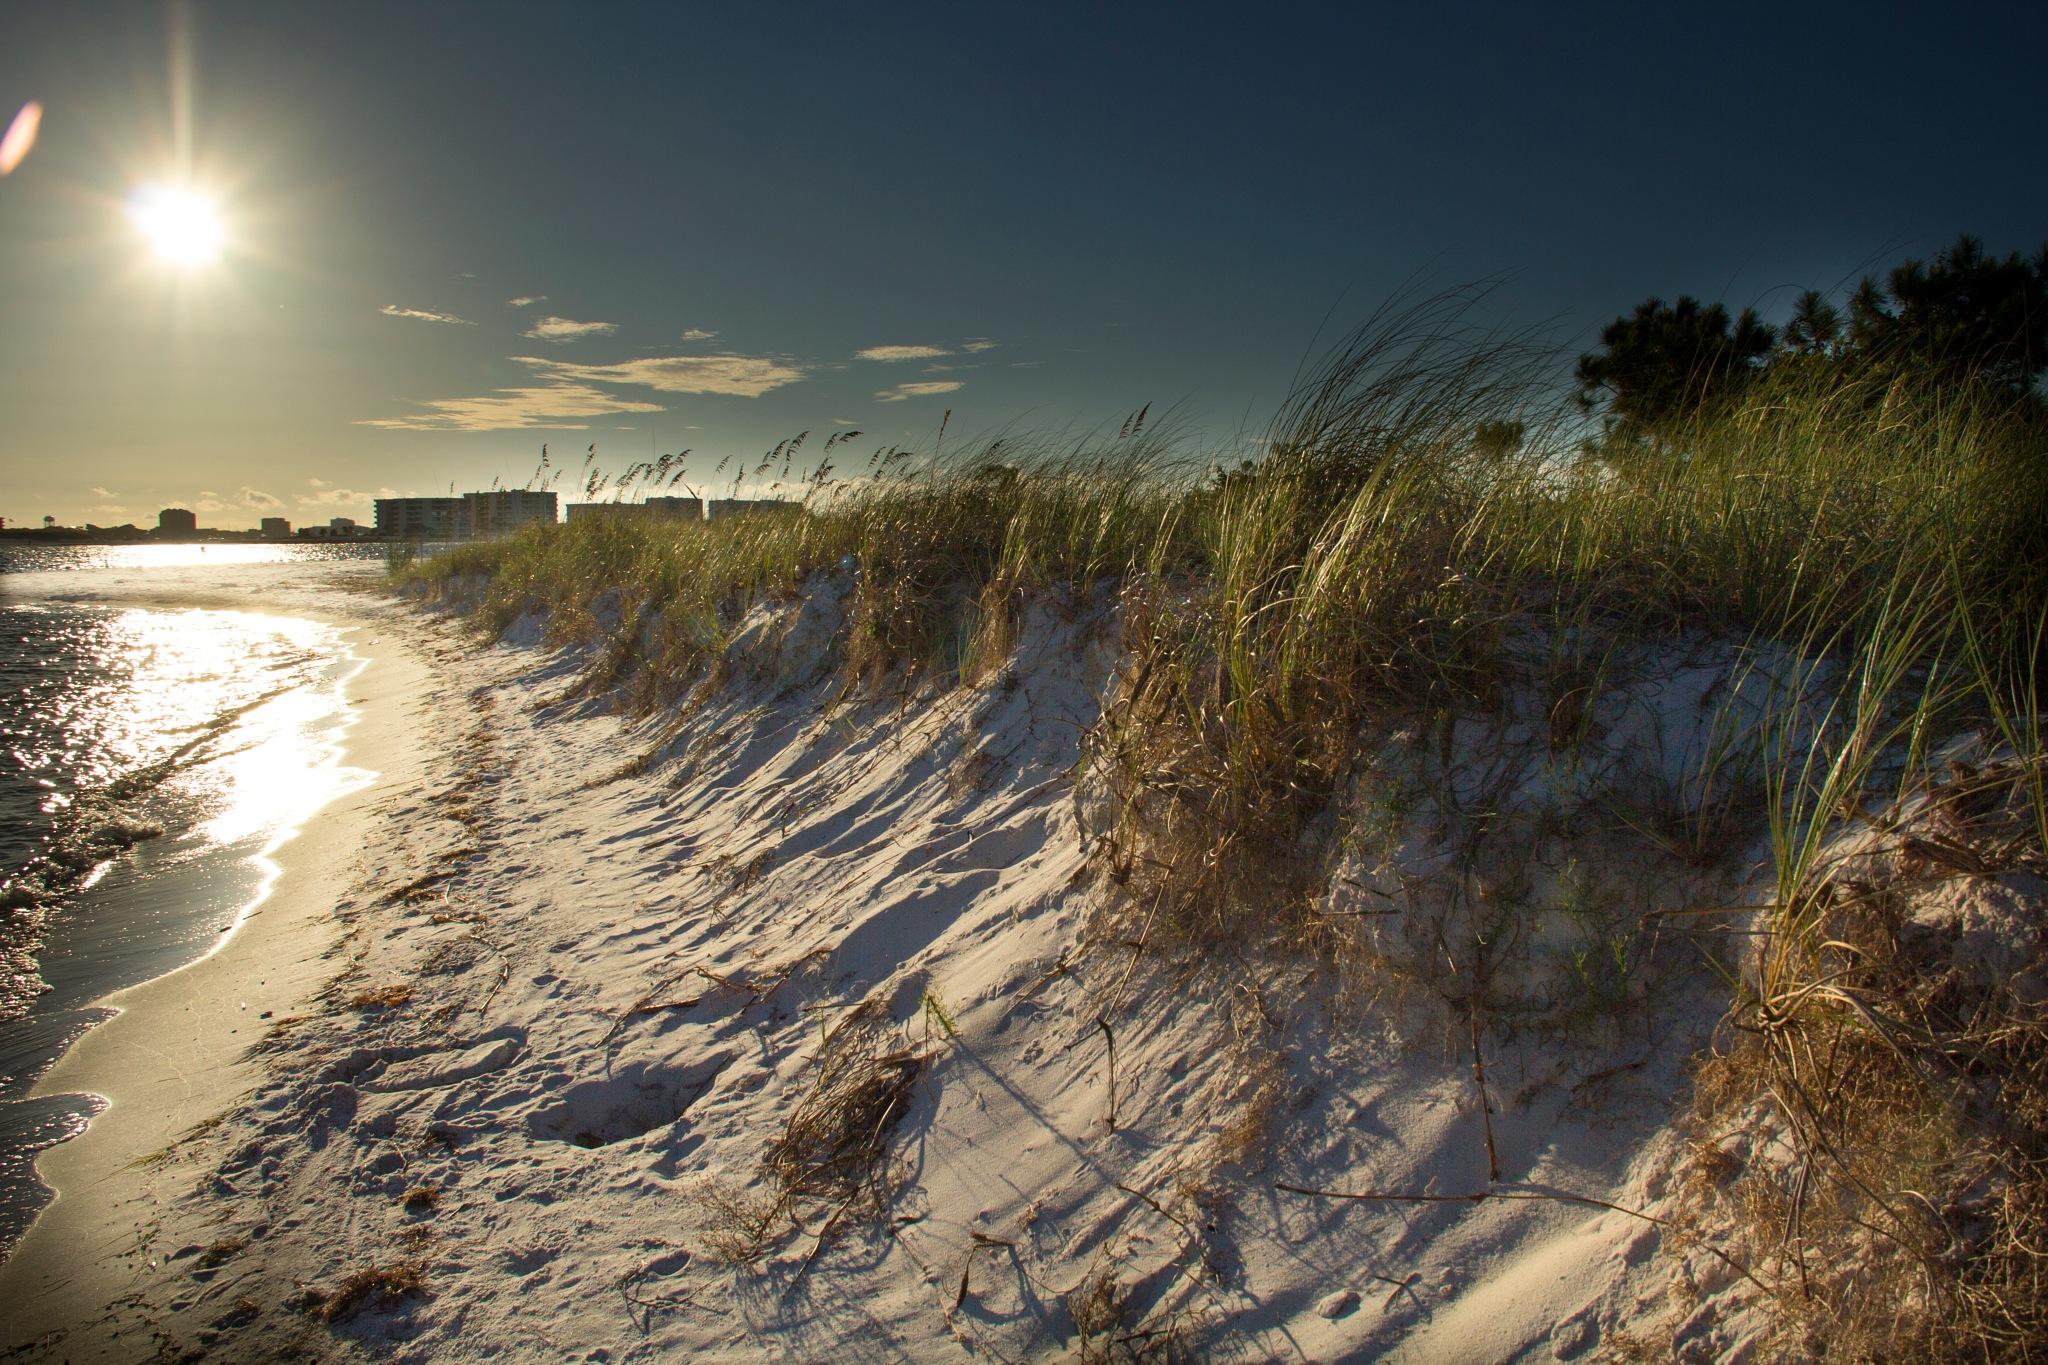 Sunrise on the dunes by Tony Stephens